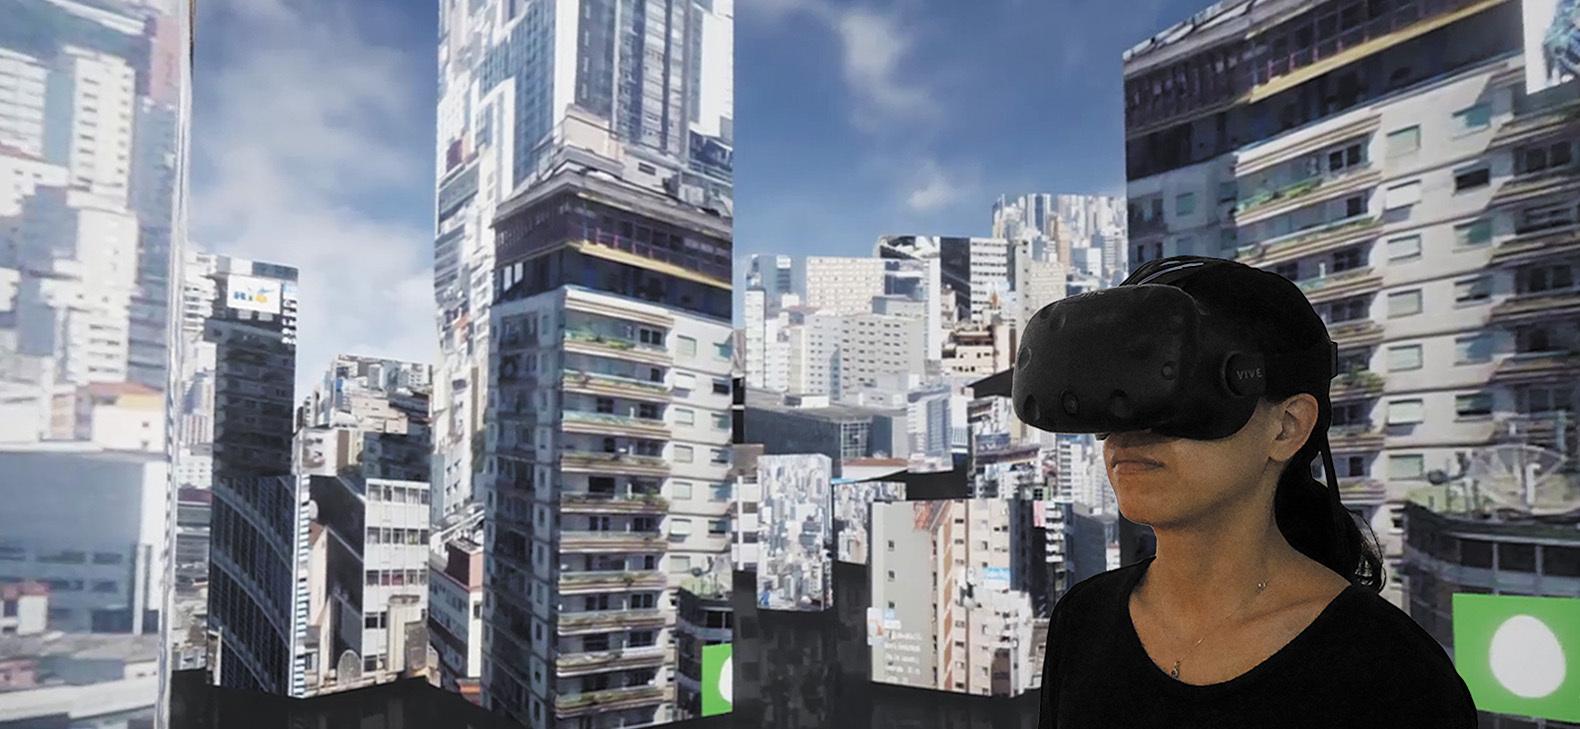 Eine Frau im einem VR-Headset steht inmitten einer virtuellen Landschaft aus Hochhäusern